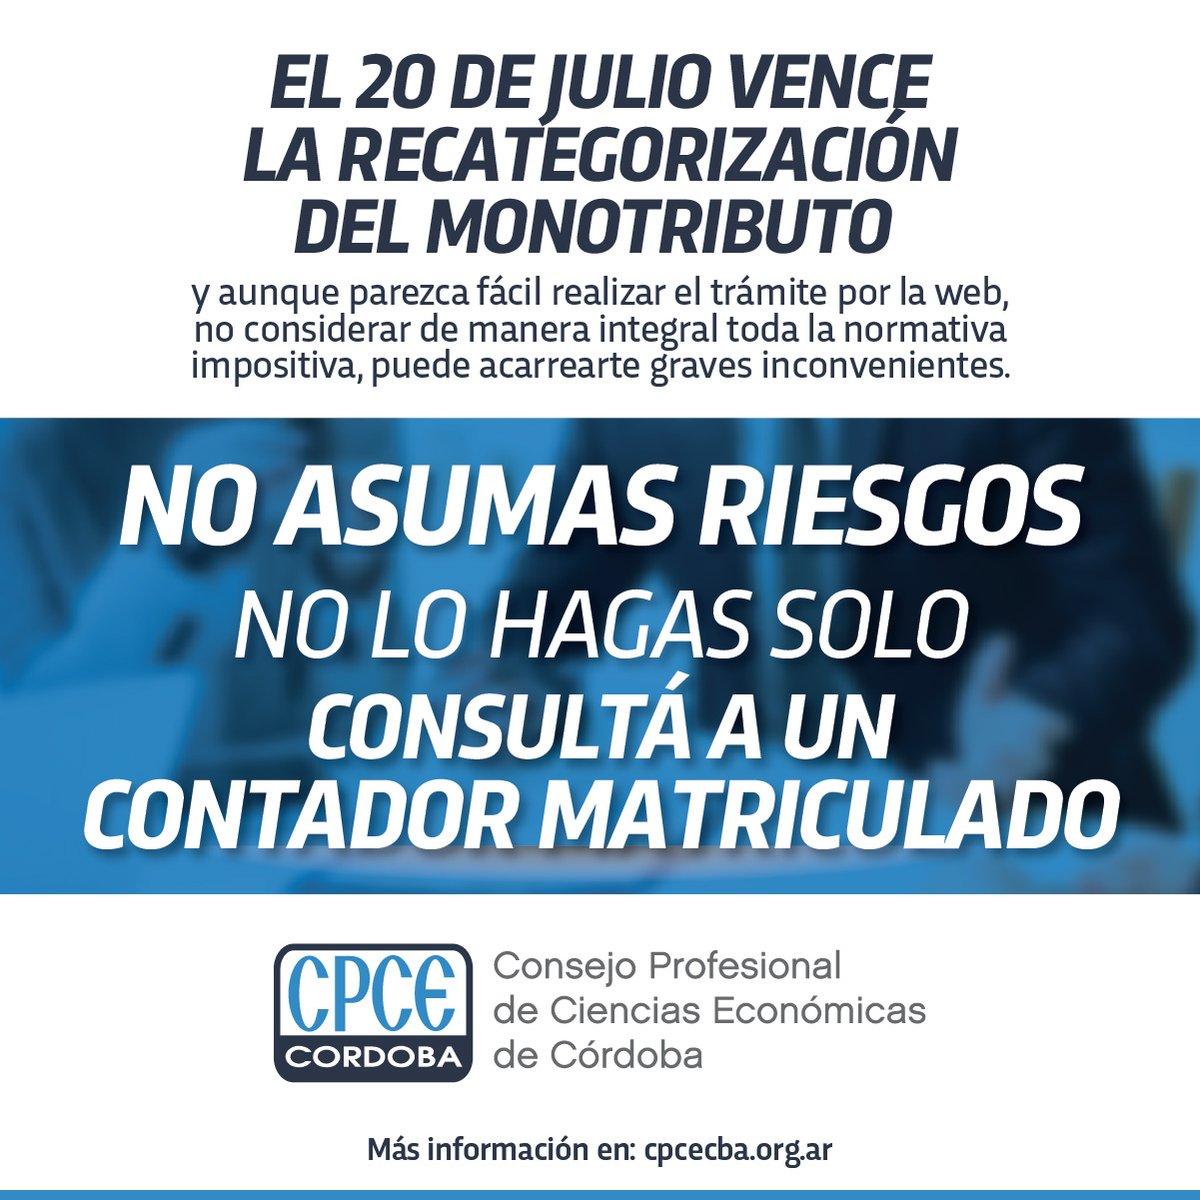 CPCE Córdoba @CPCECordoba: #20/07 vence #recategorización #Monotributo No asuma riesgos! Asesórese con un Contador Matriculado https://t.co/mIcUfUXnqw